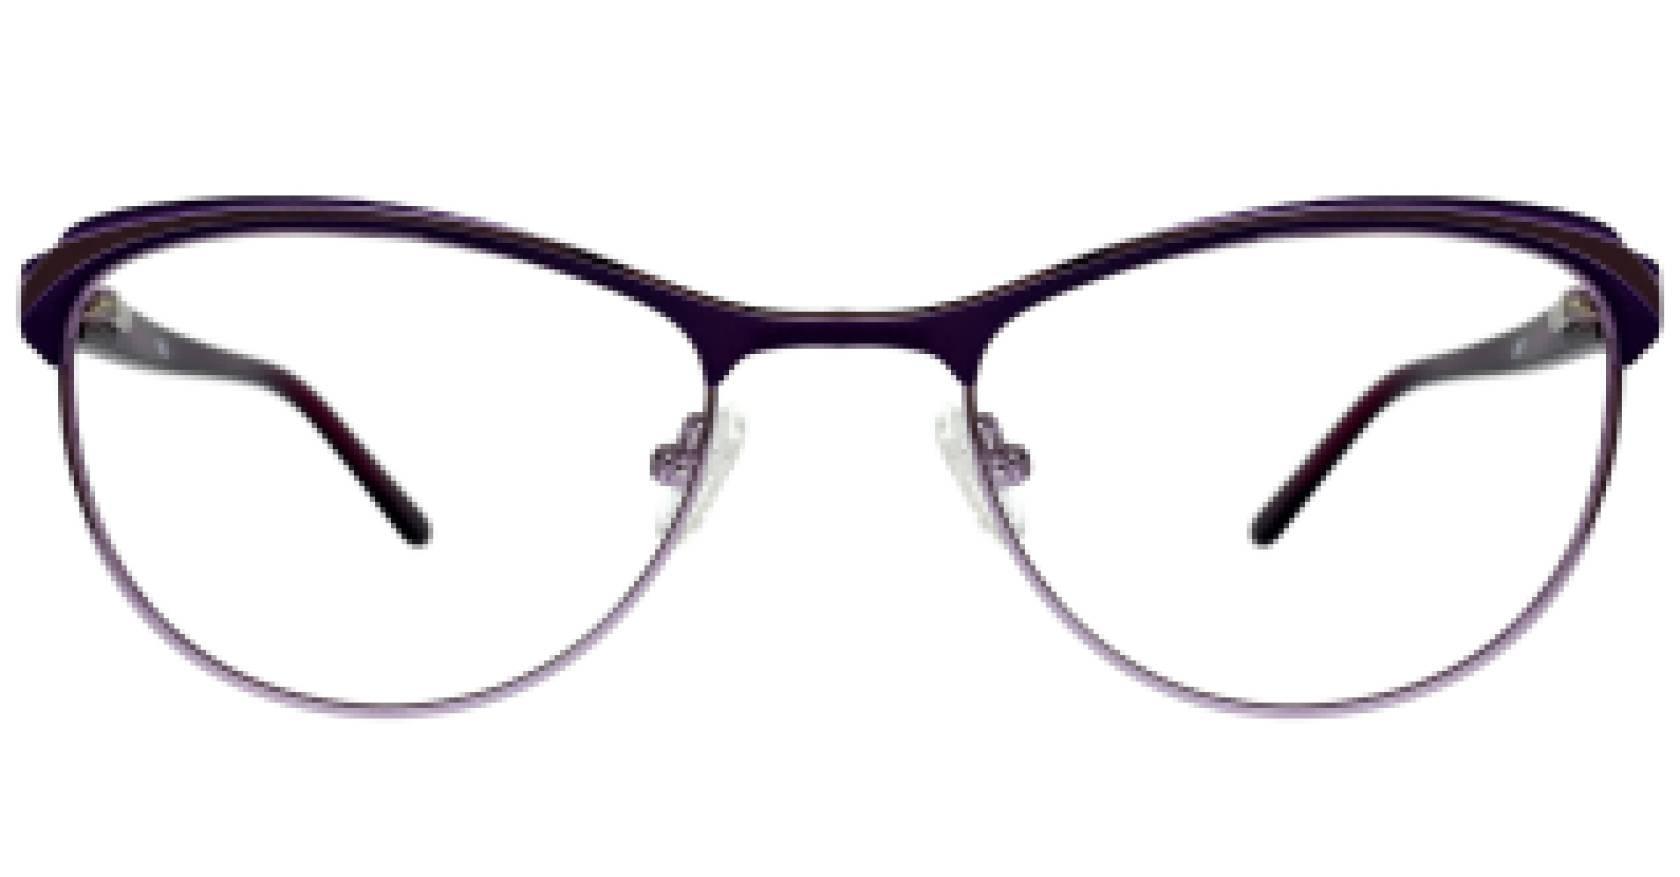 imagen miniatura frontal de la referencia 1001219